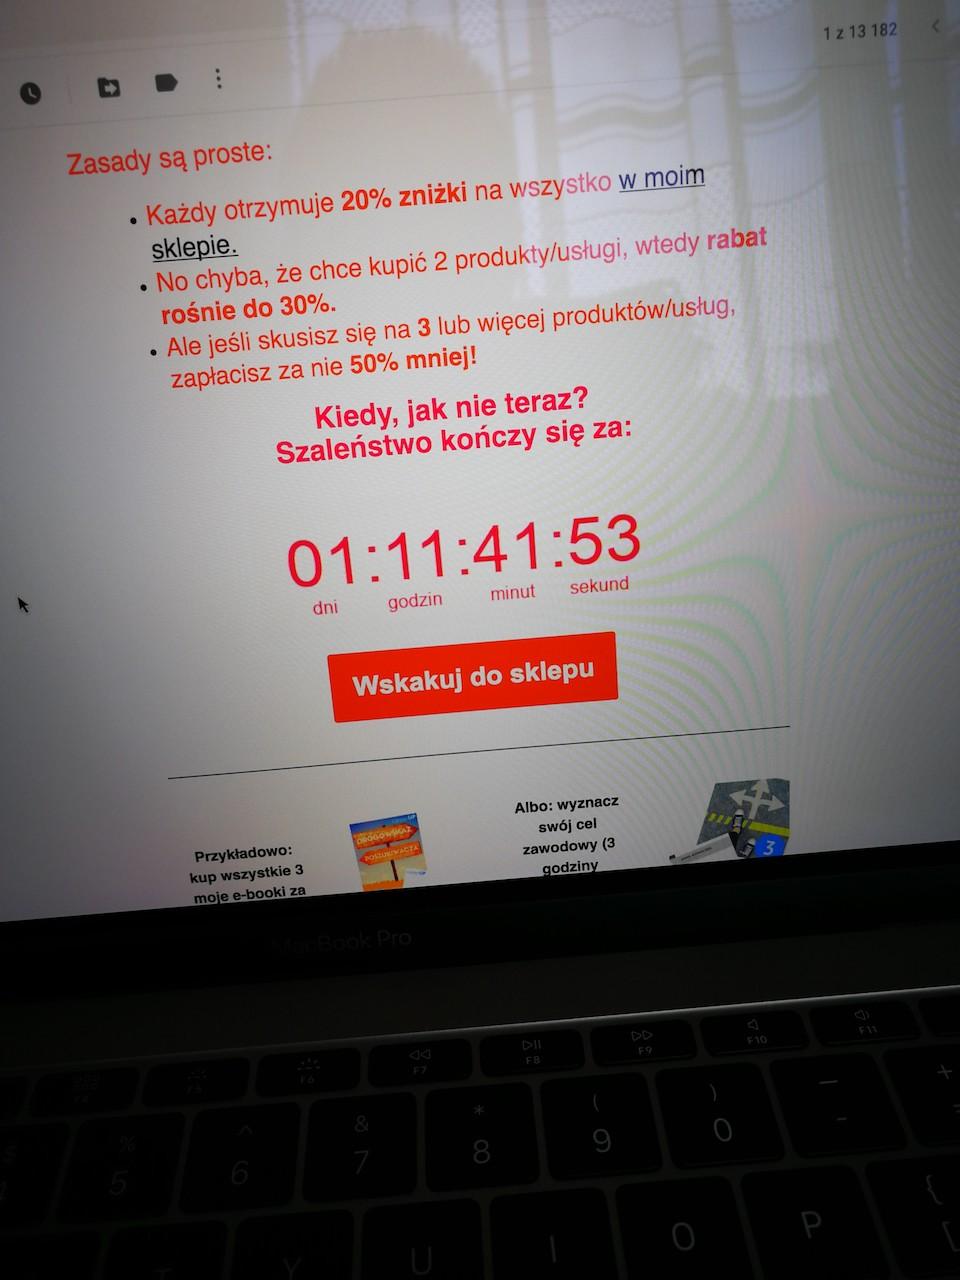 beTimes - przykład wykorzystania licznika i One Time Offer w marketingu